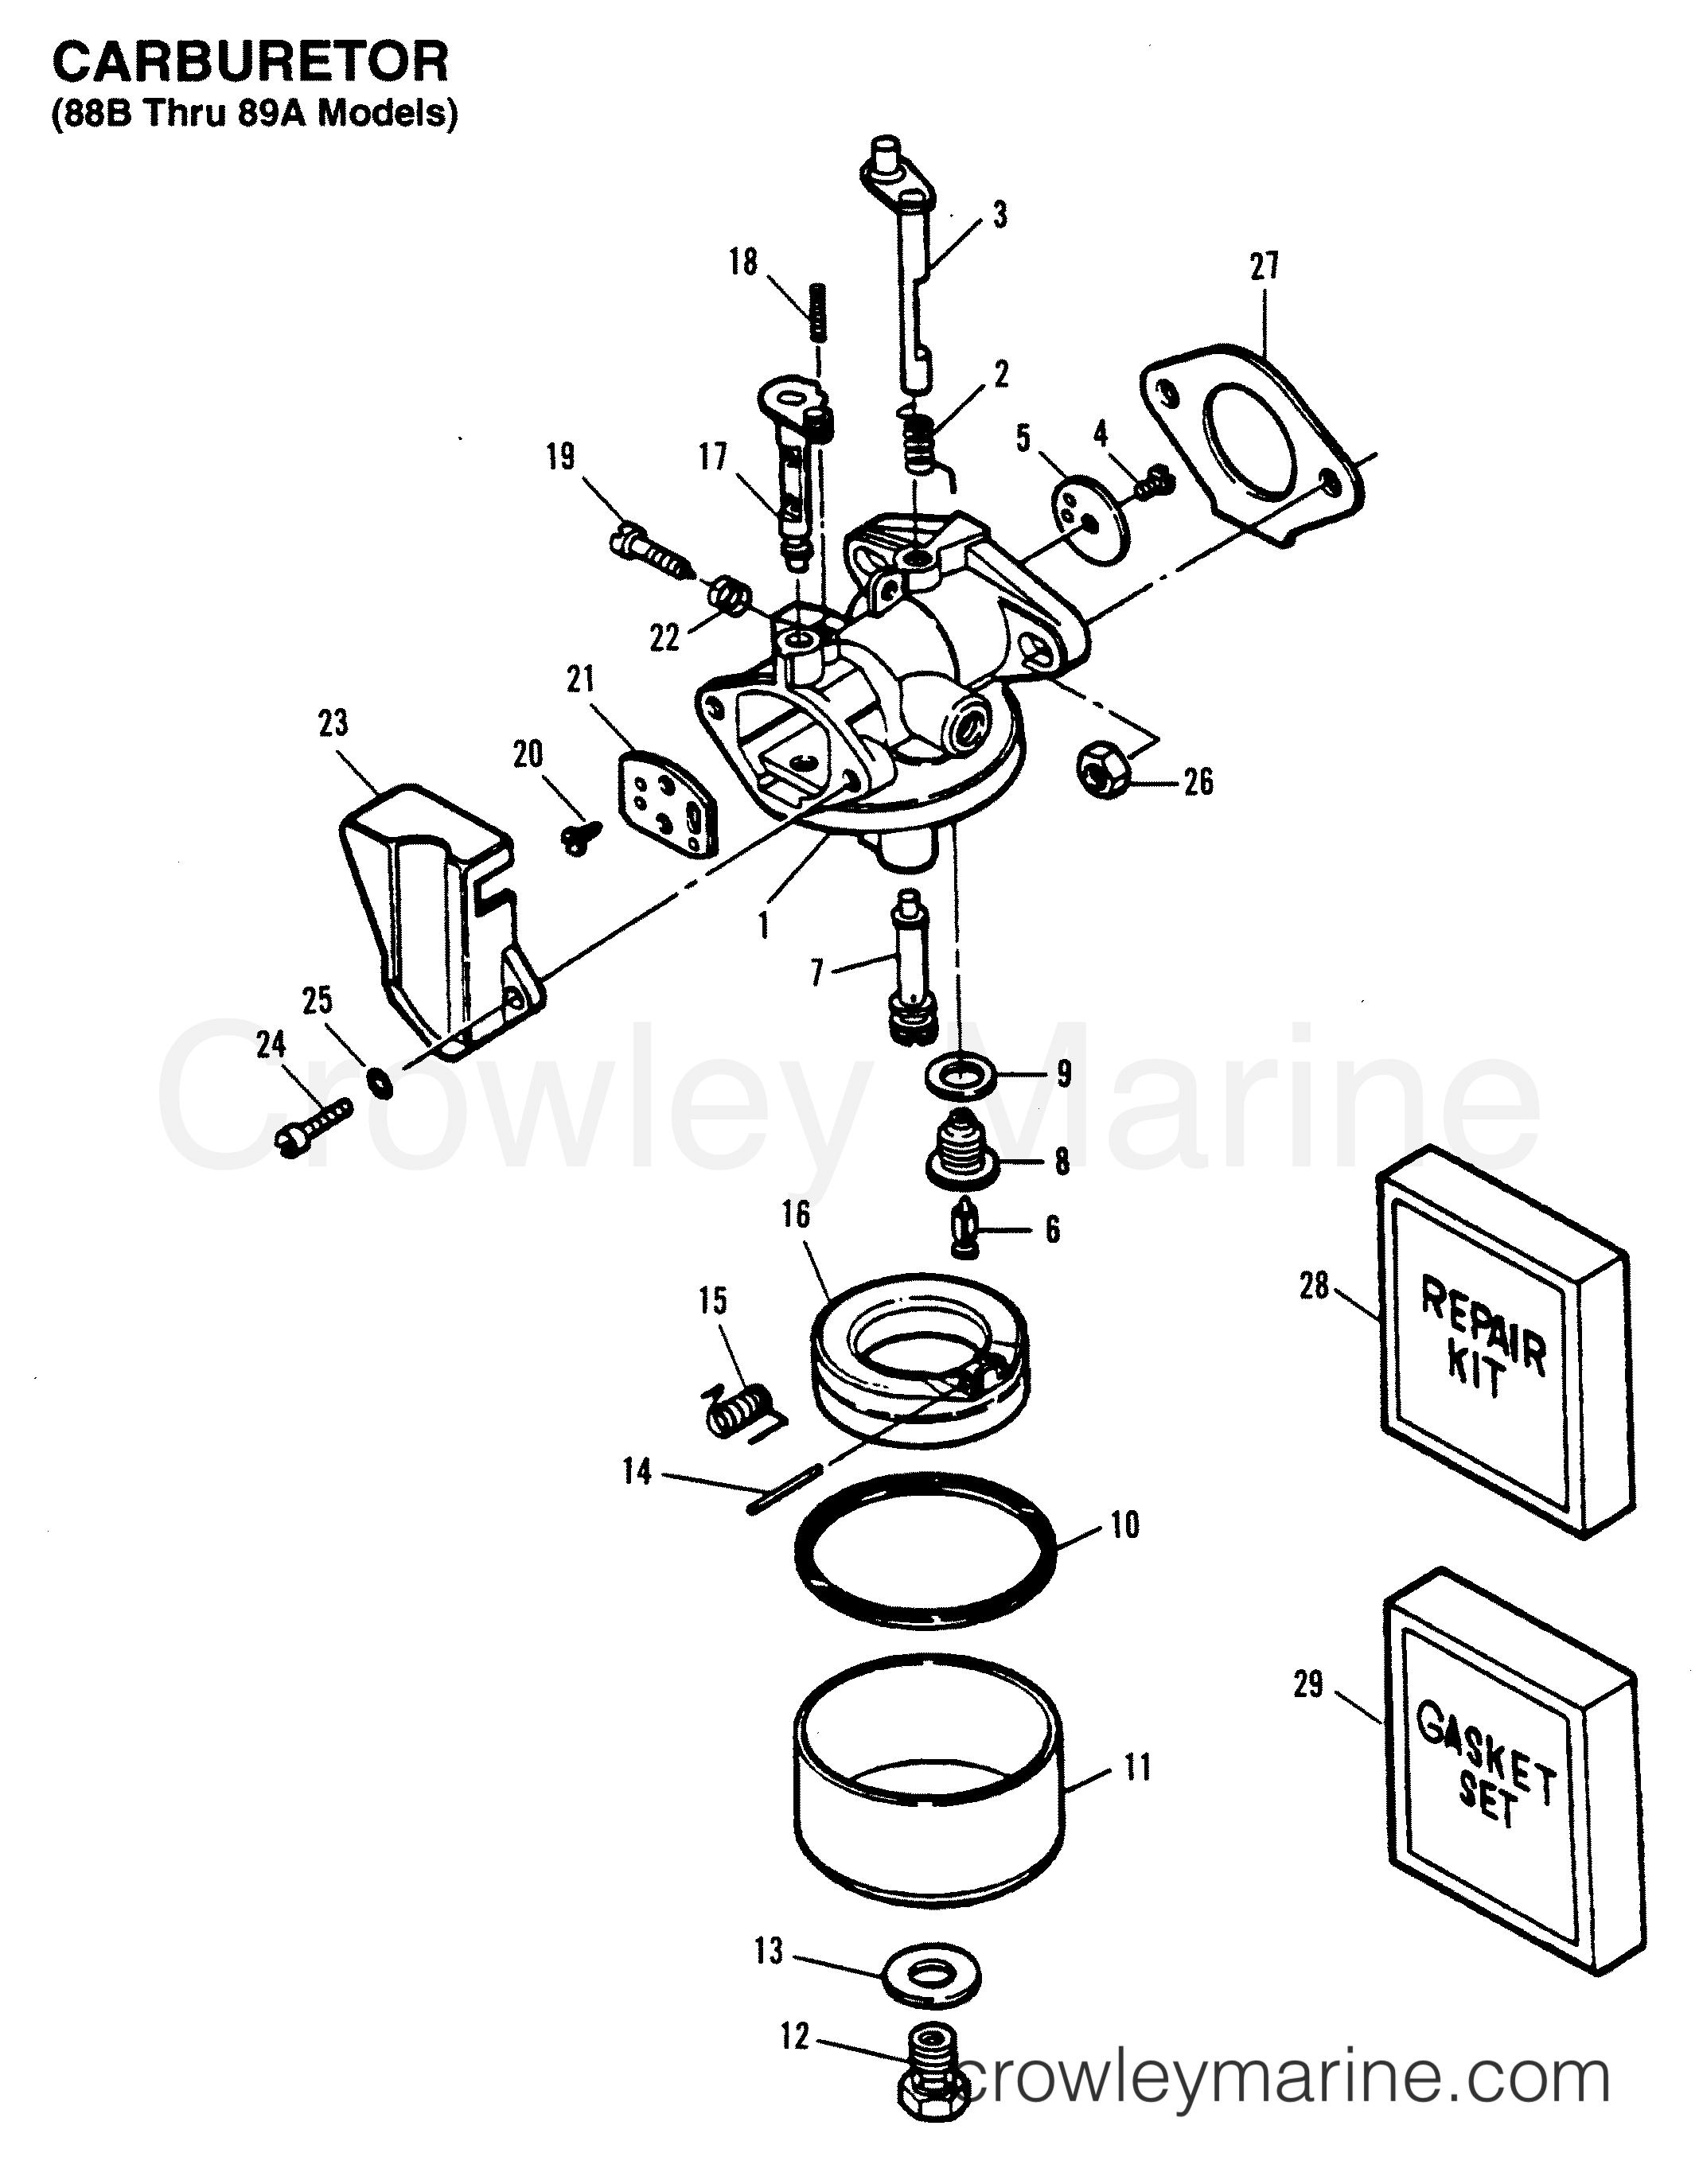 1993 Hors-bord Force 5 - H005201NE [MH] CARBURATEUR (MODÈLES 88 B JUSQU'À 89 A) section